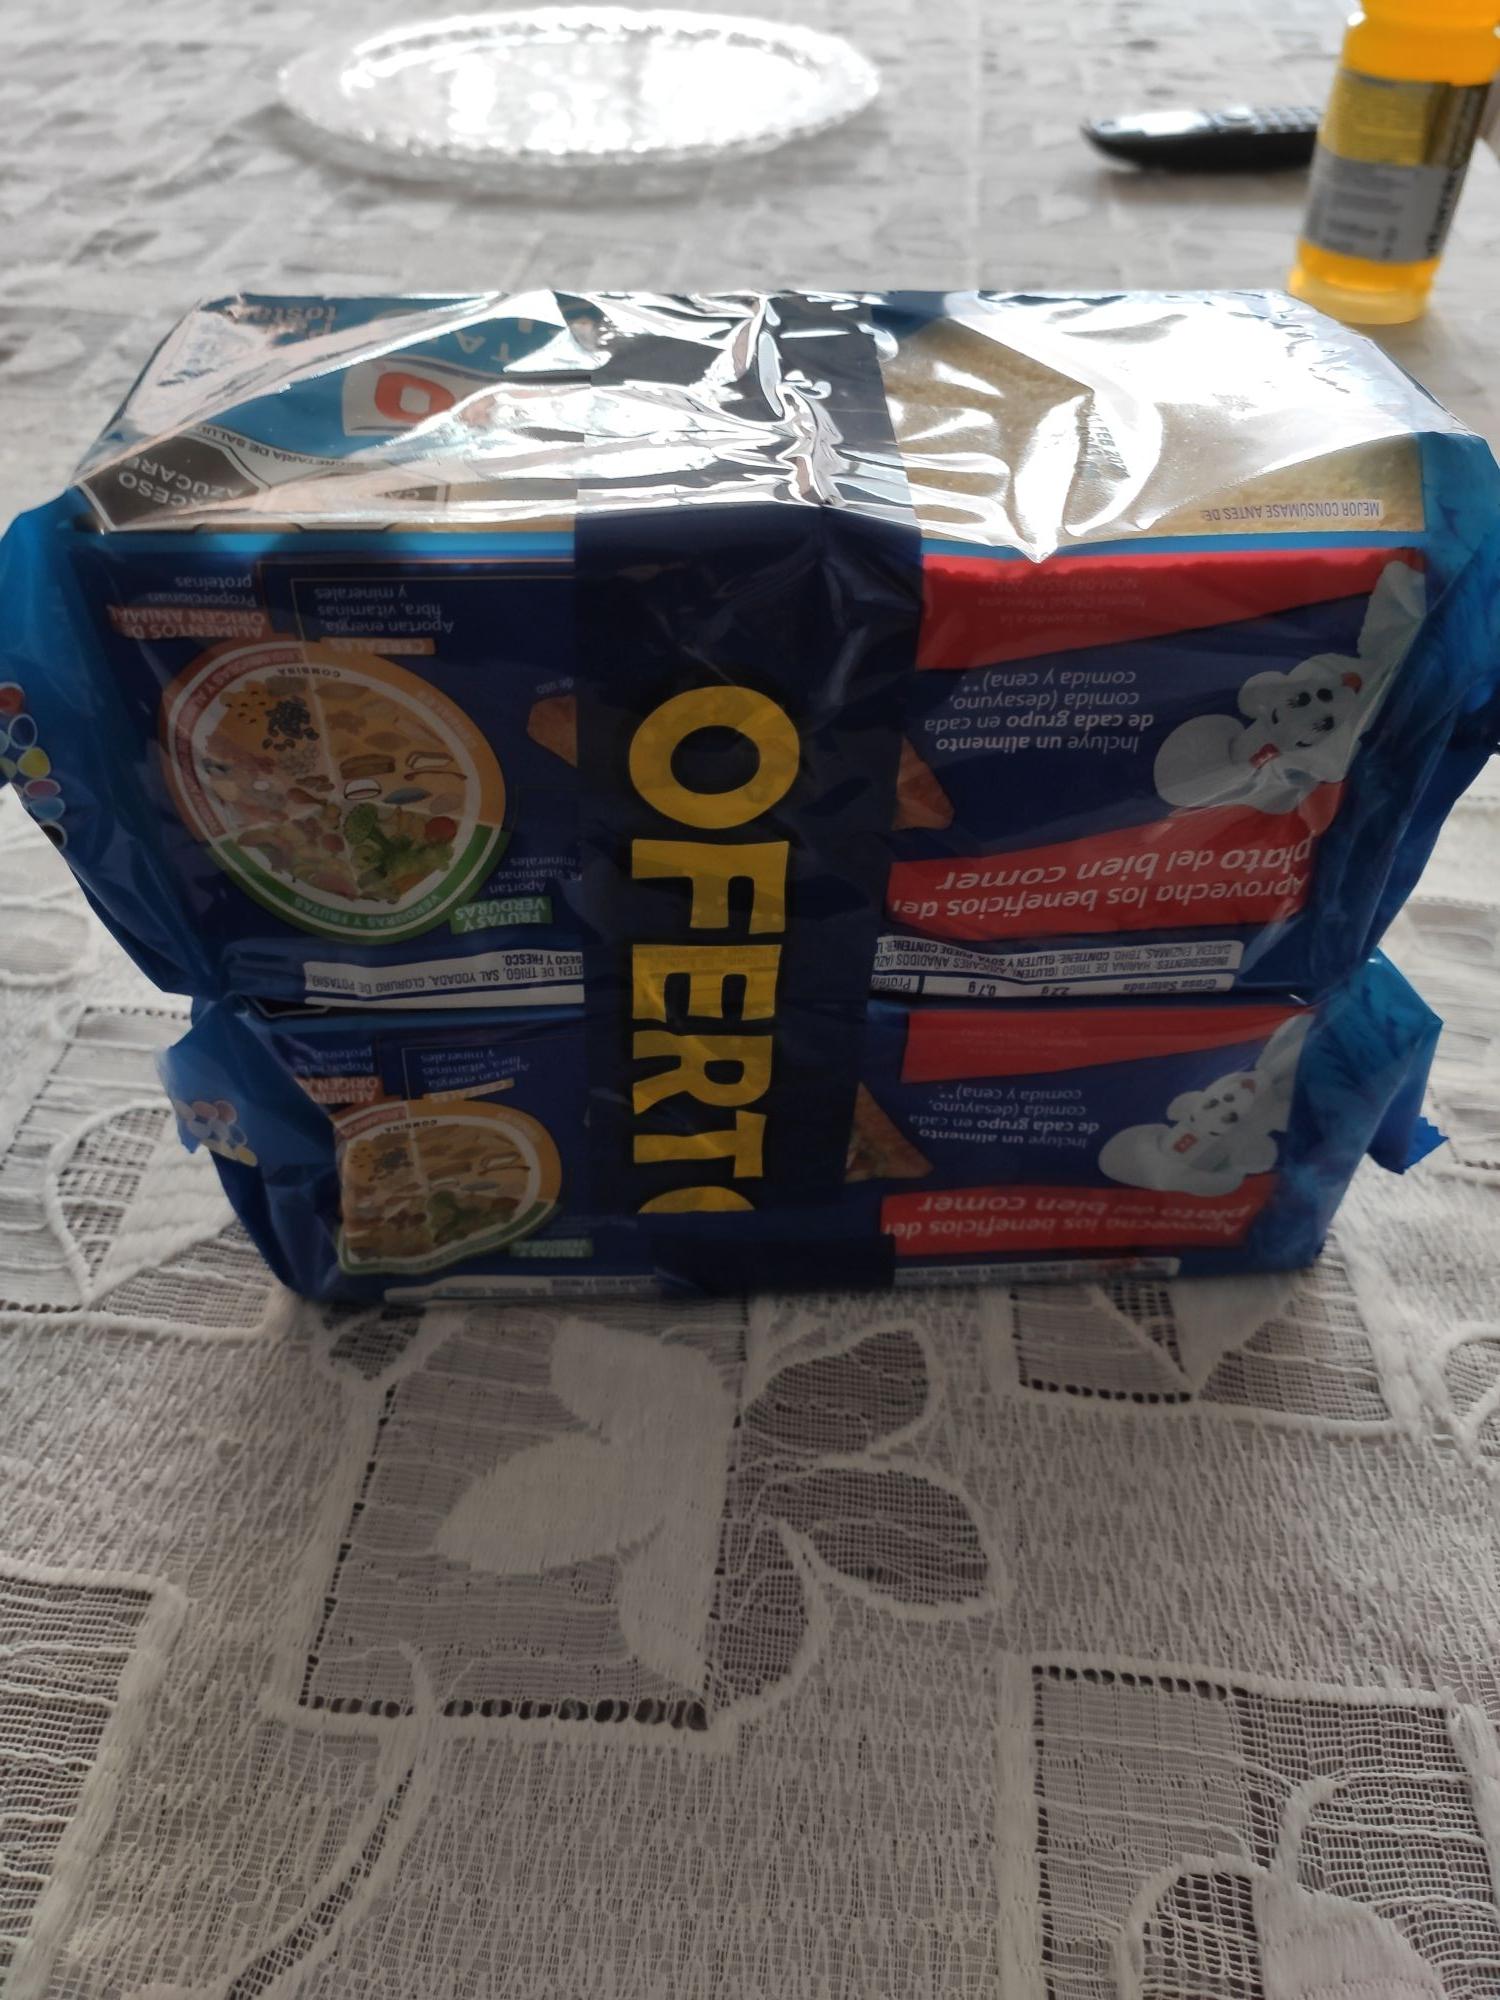 Walmart San Manuel Puebla: 2 paquetes de pan tostado por $27